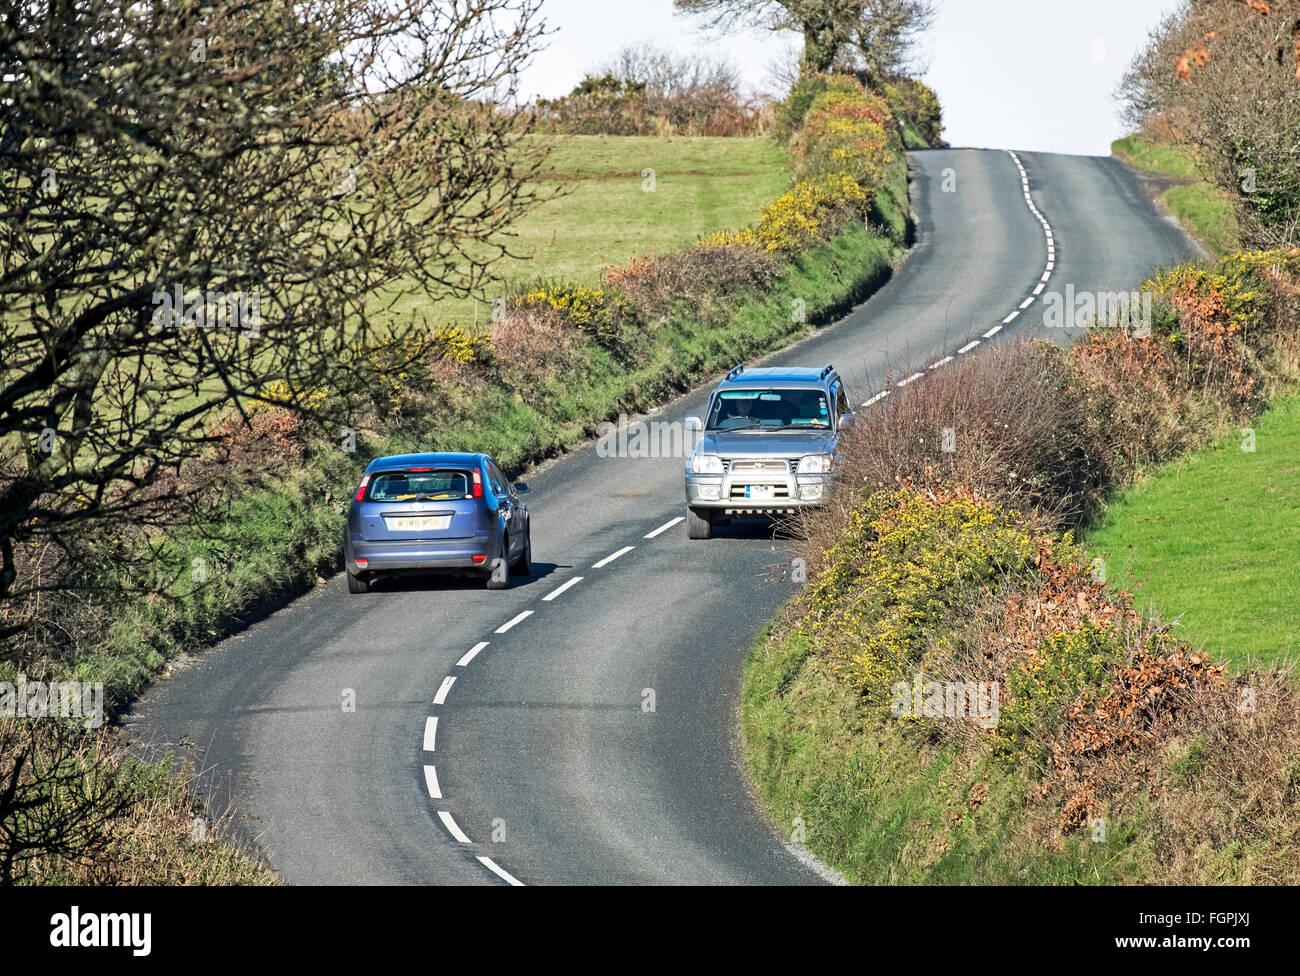 Deux véhicules passant sur un virage sur une route de campagne à Cornwall, uk Photo Stock